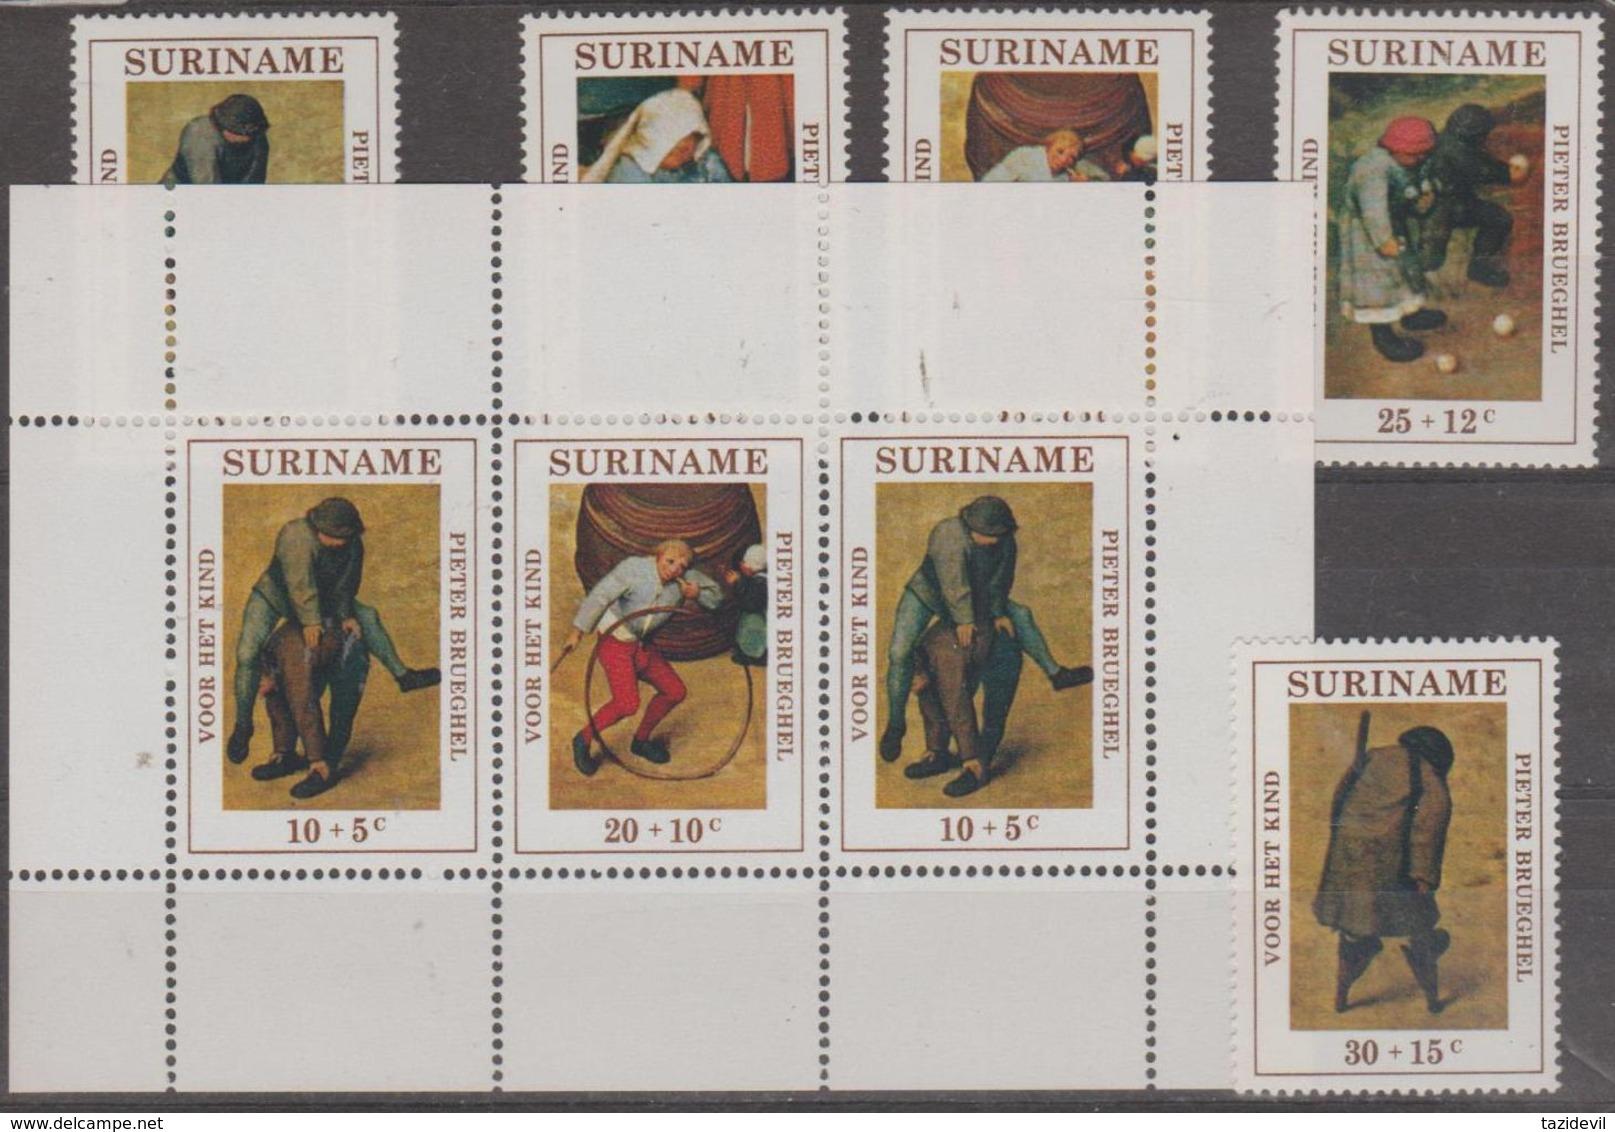 SURINAM - 1971 Children's Games Set Plus Souvenir Sheet. Scott B177-181a. MNH ** - Surinam ... - 1975